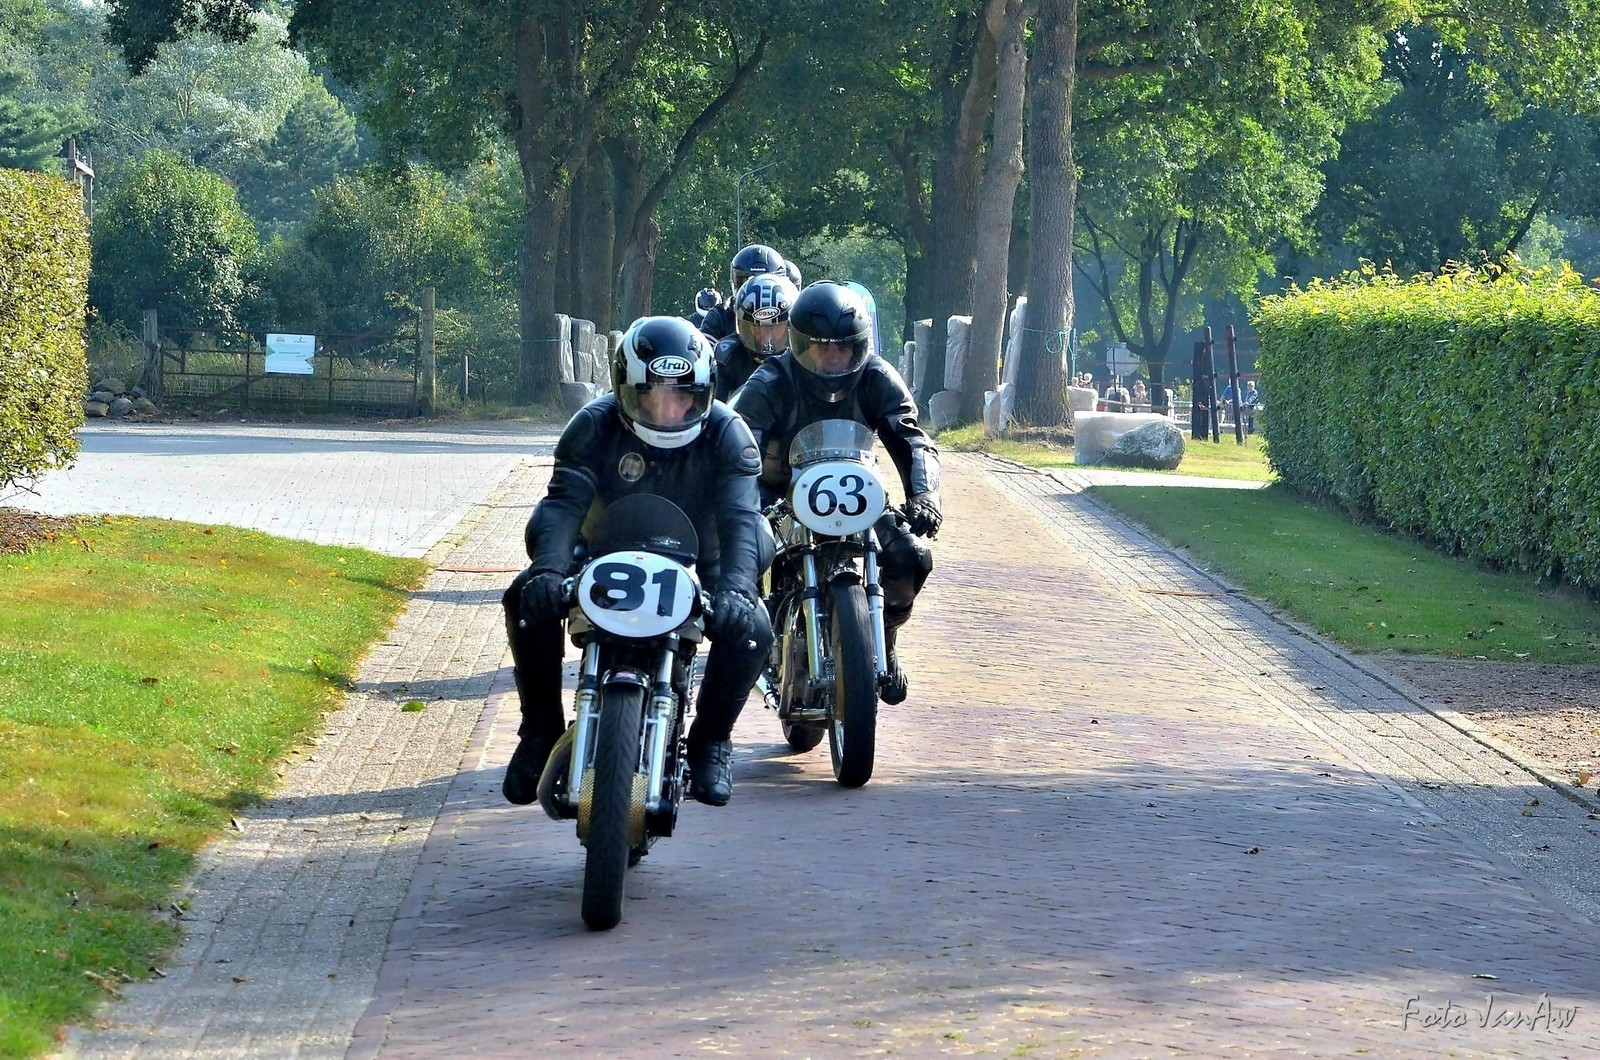 zaak 1316361 - stichting tt hooghalen-Historische demorace 2016 - Hof van Halenweg